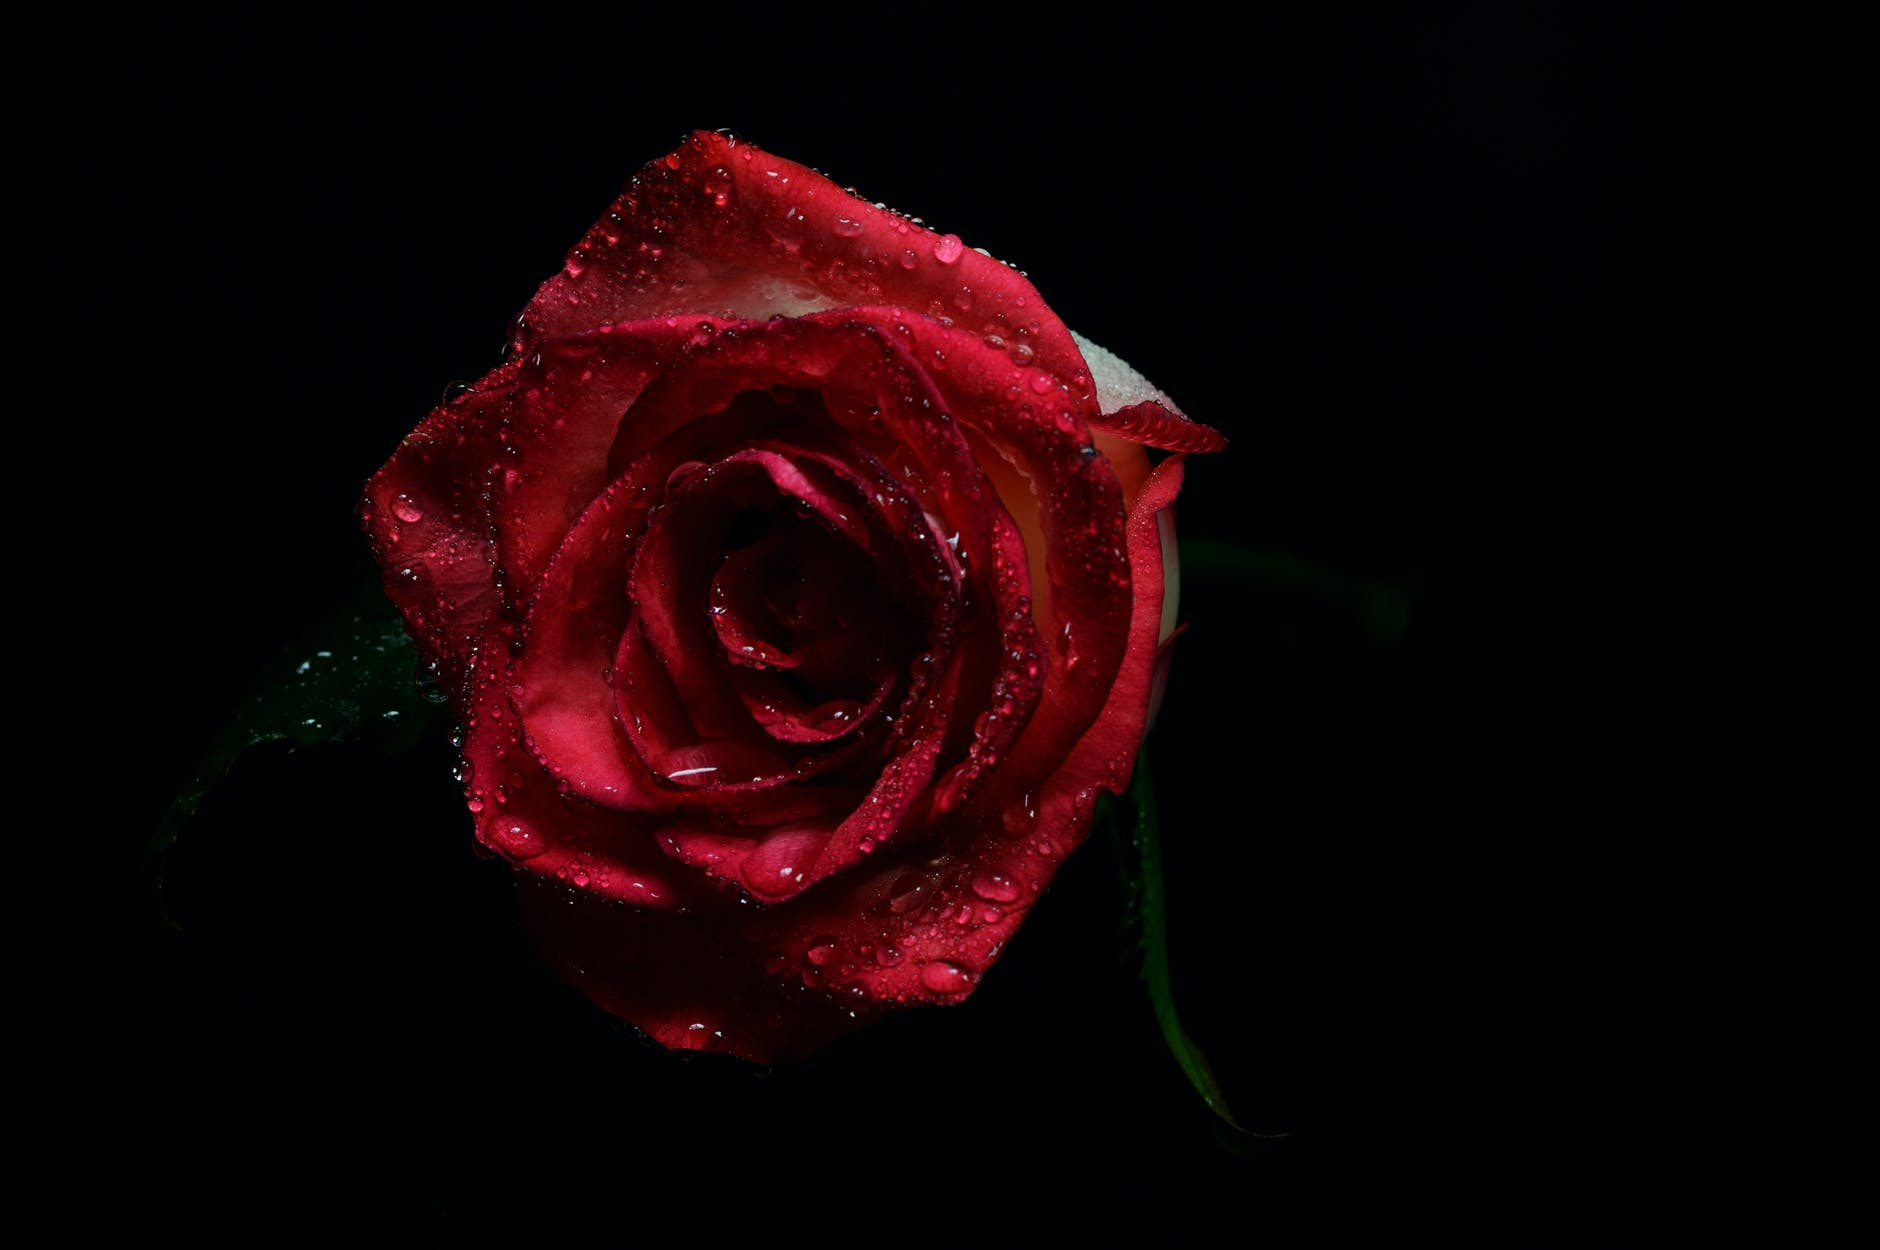 gambar bunga mawar hitam merah